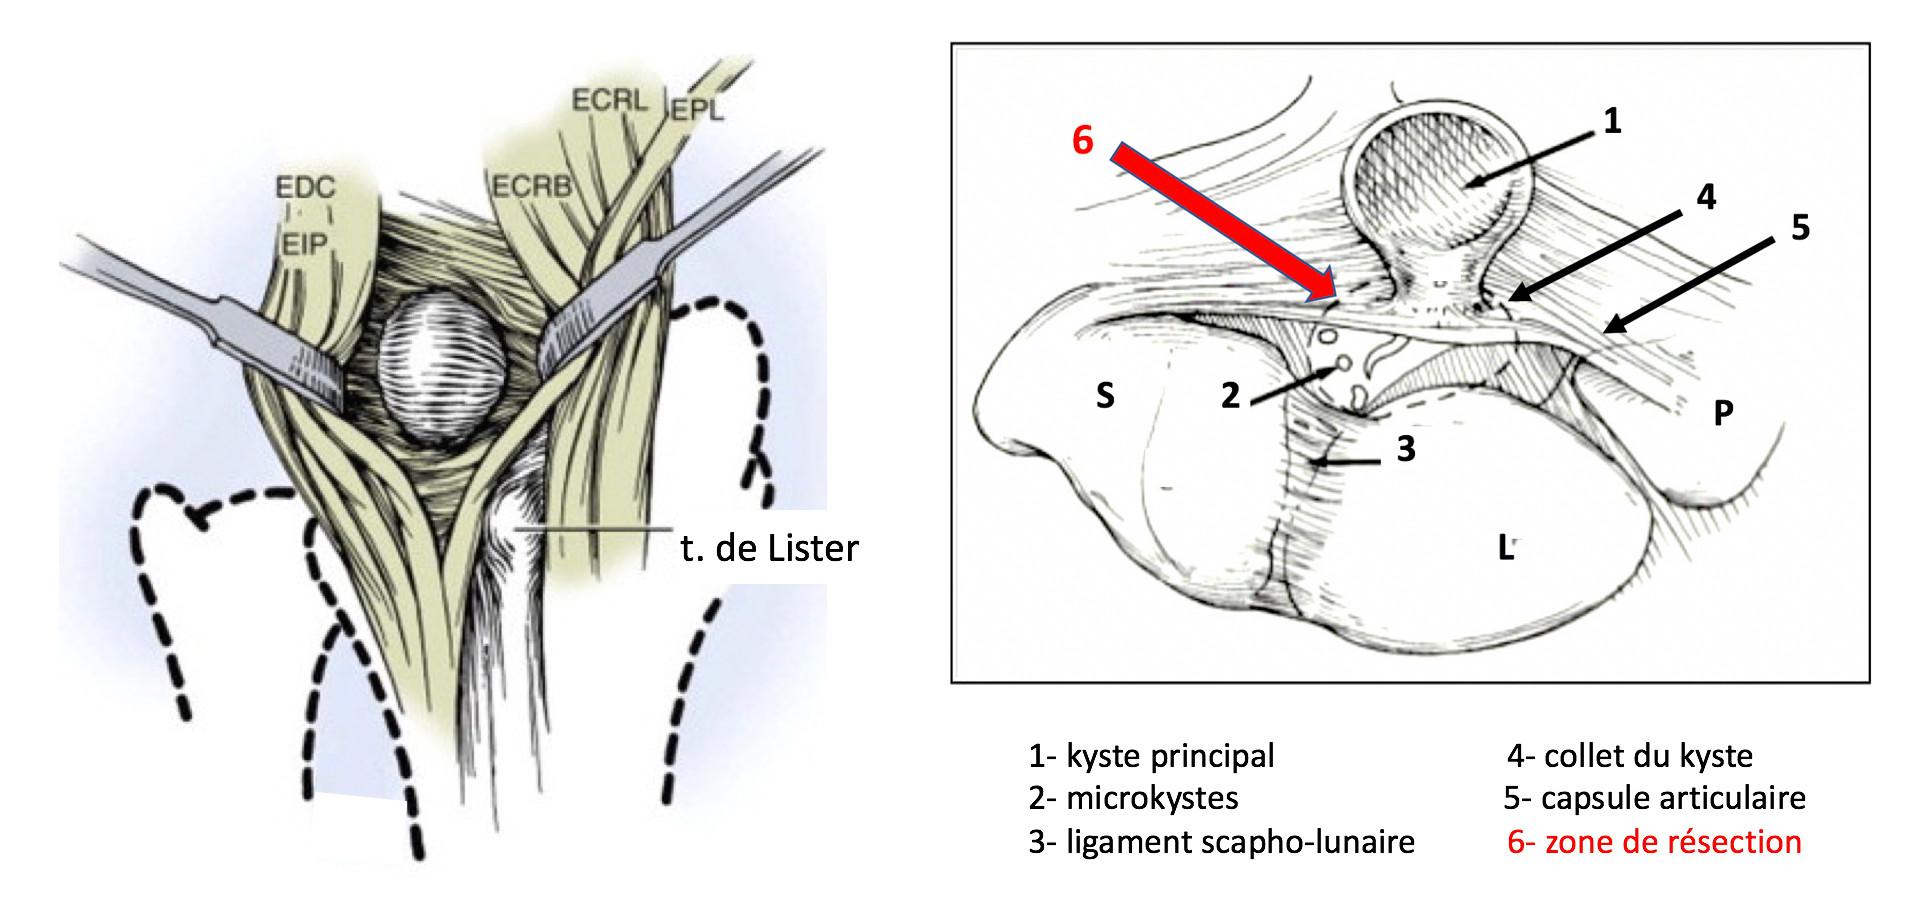 Dissection des kystes du poignet